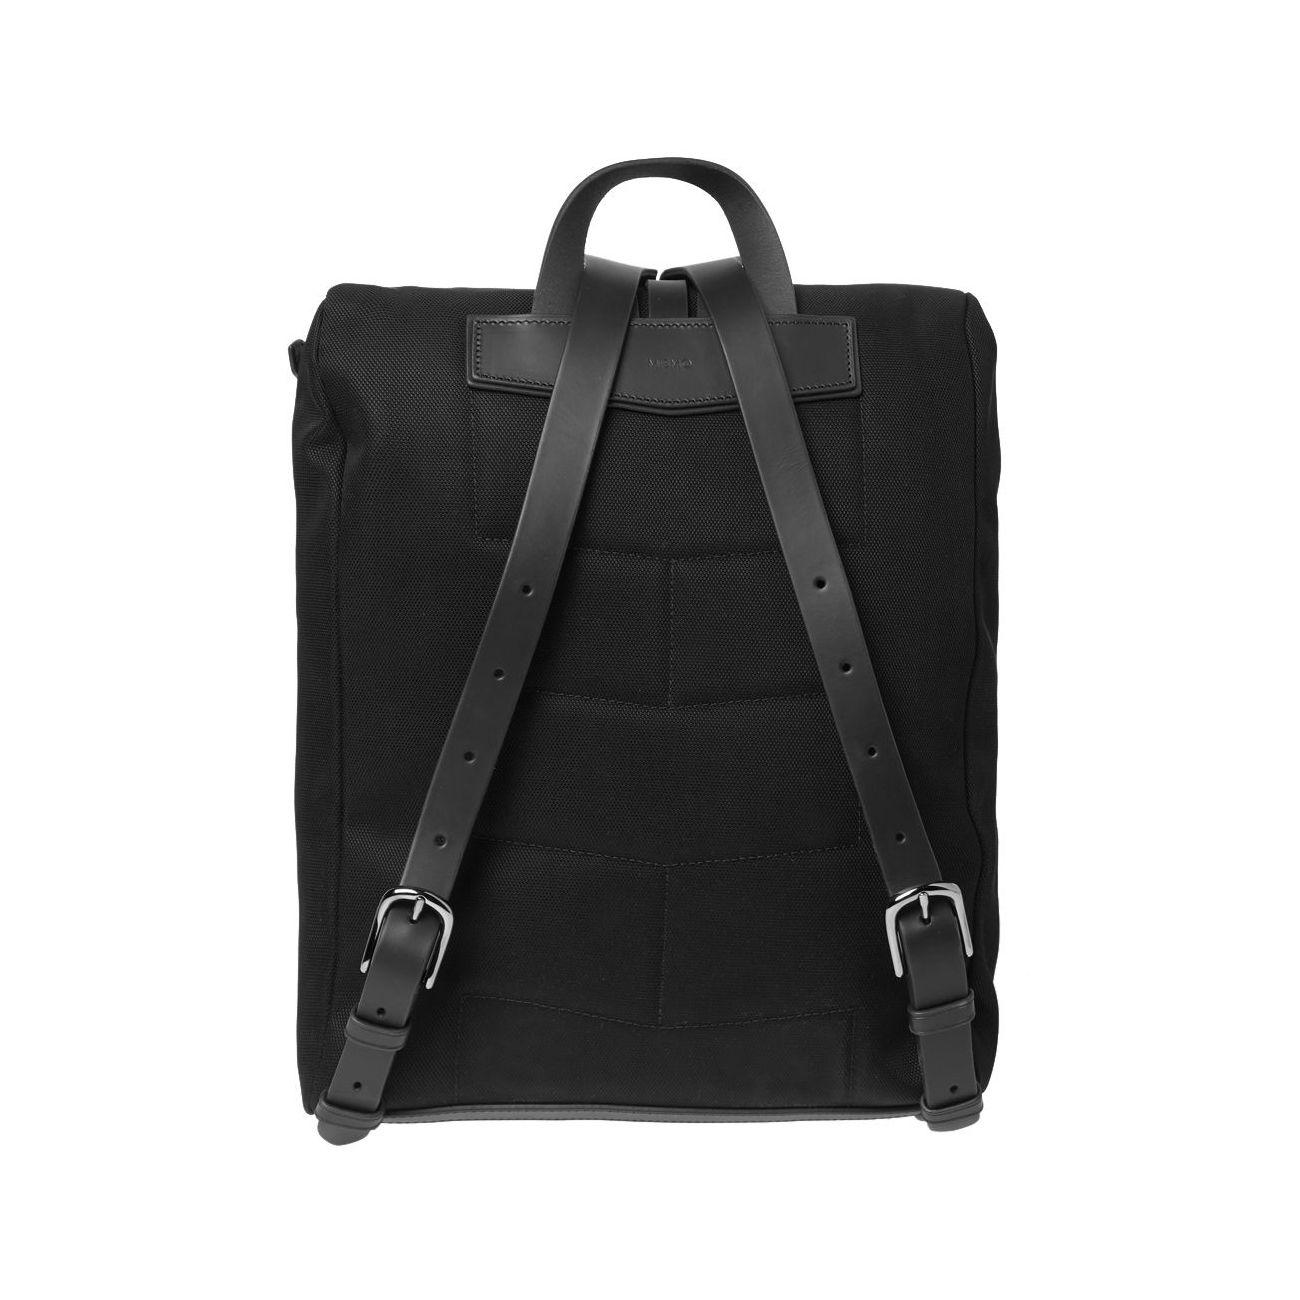 The Best Scandinavian Backpacks To Buy Now